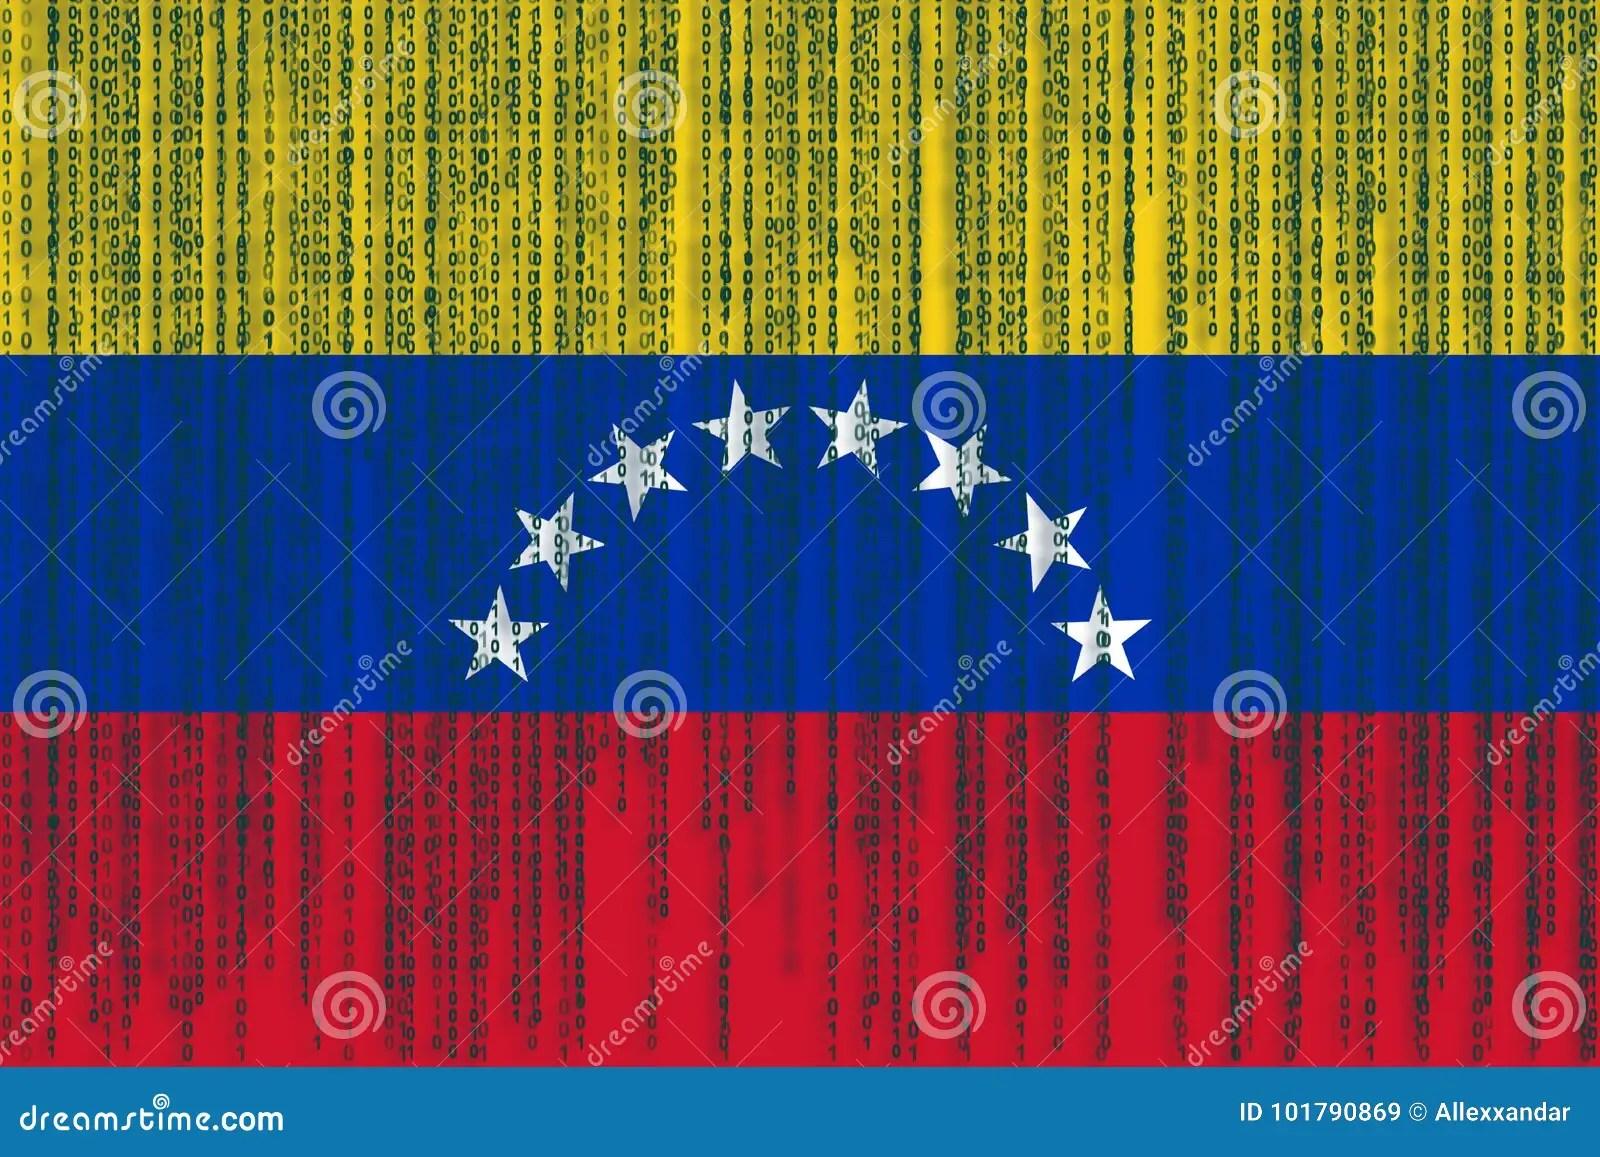 Data Protection Venezuela Flag. Venezuela Flag With Binary Code. Stock Illustration - Illustration of celebration. code: 101790869